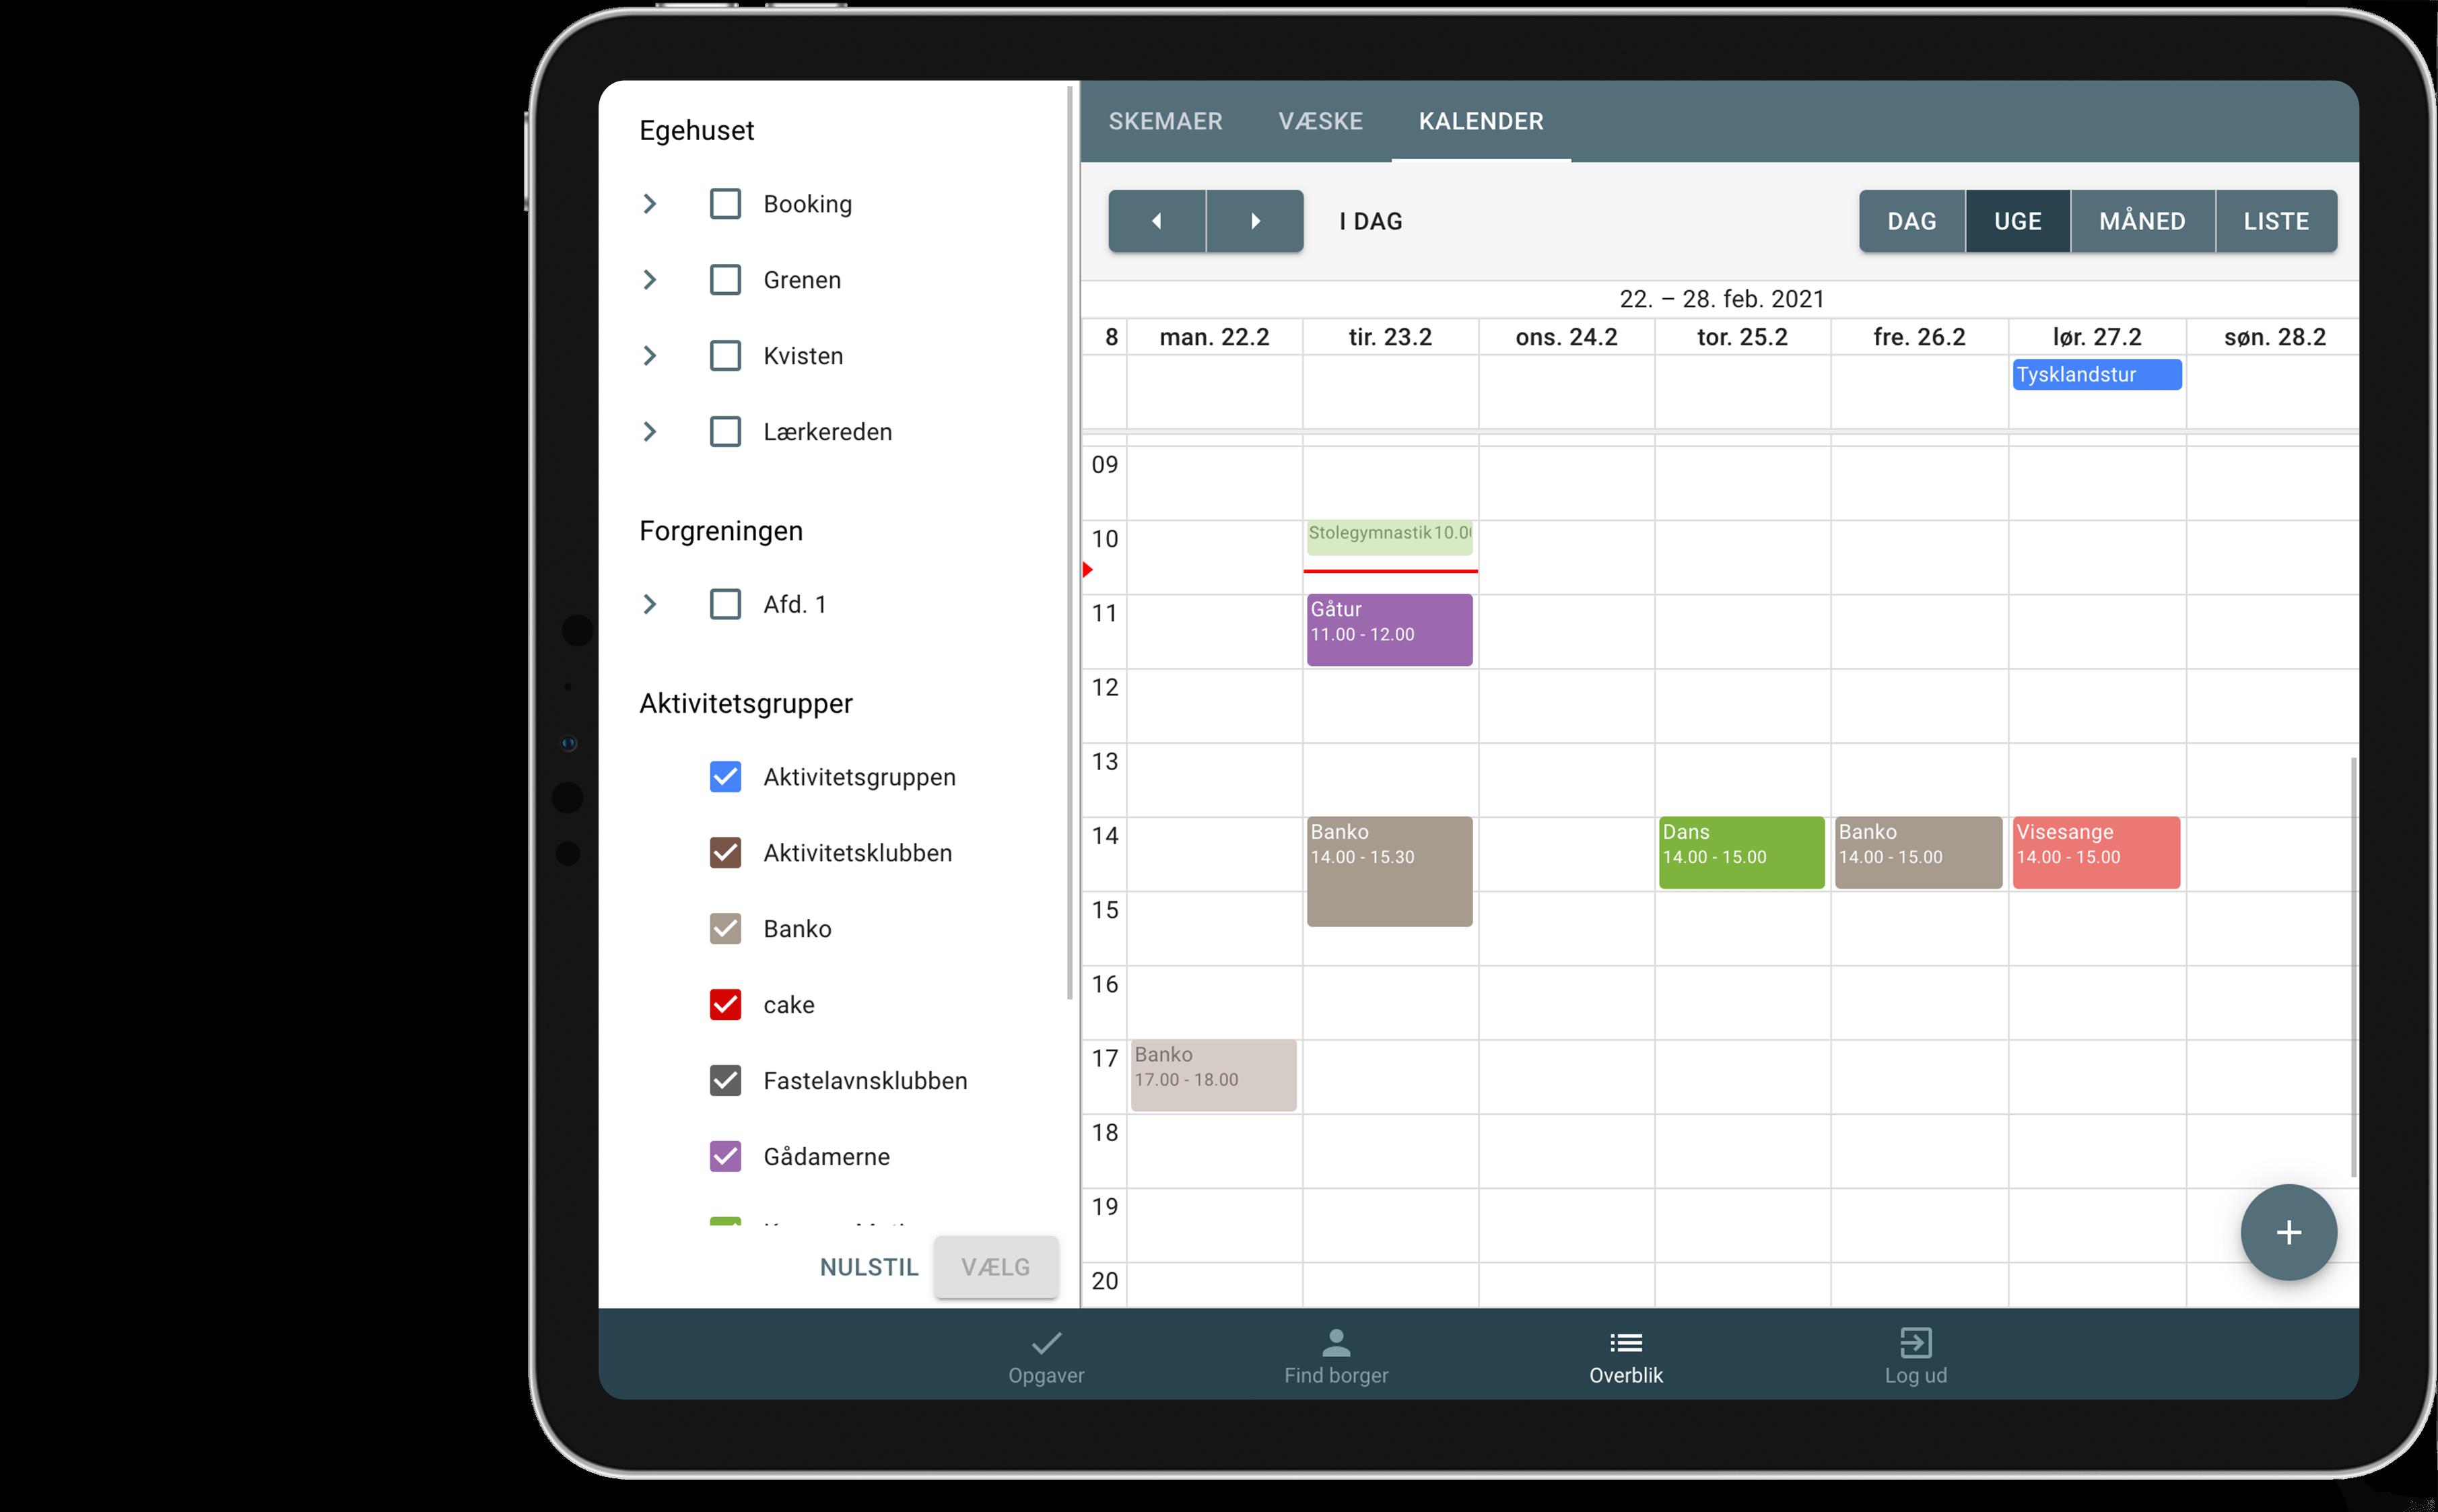 Aktivitetsgrupper i kalender